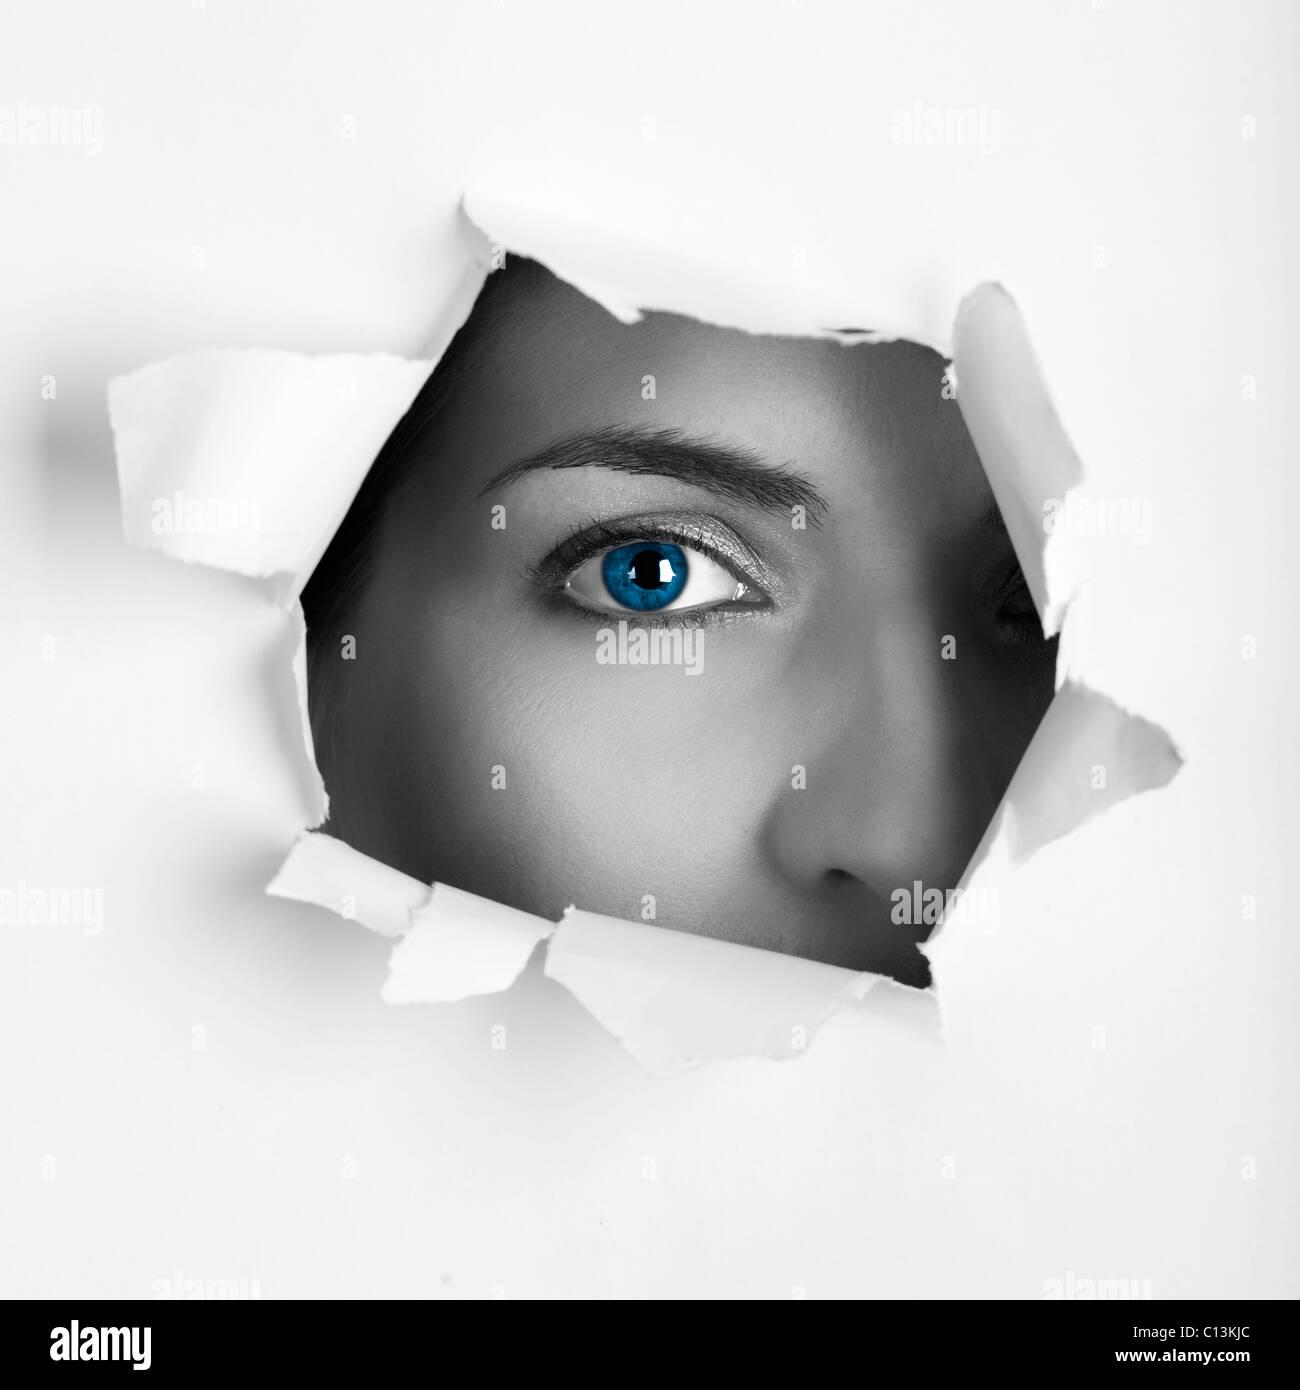 Schöne weibliche blaue Augen Blick durch ein Loch auf einem Blatt Papier Stockbild